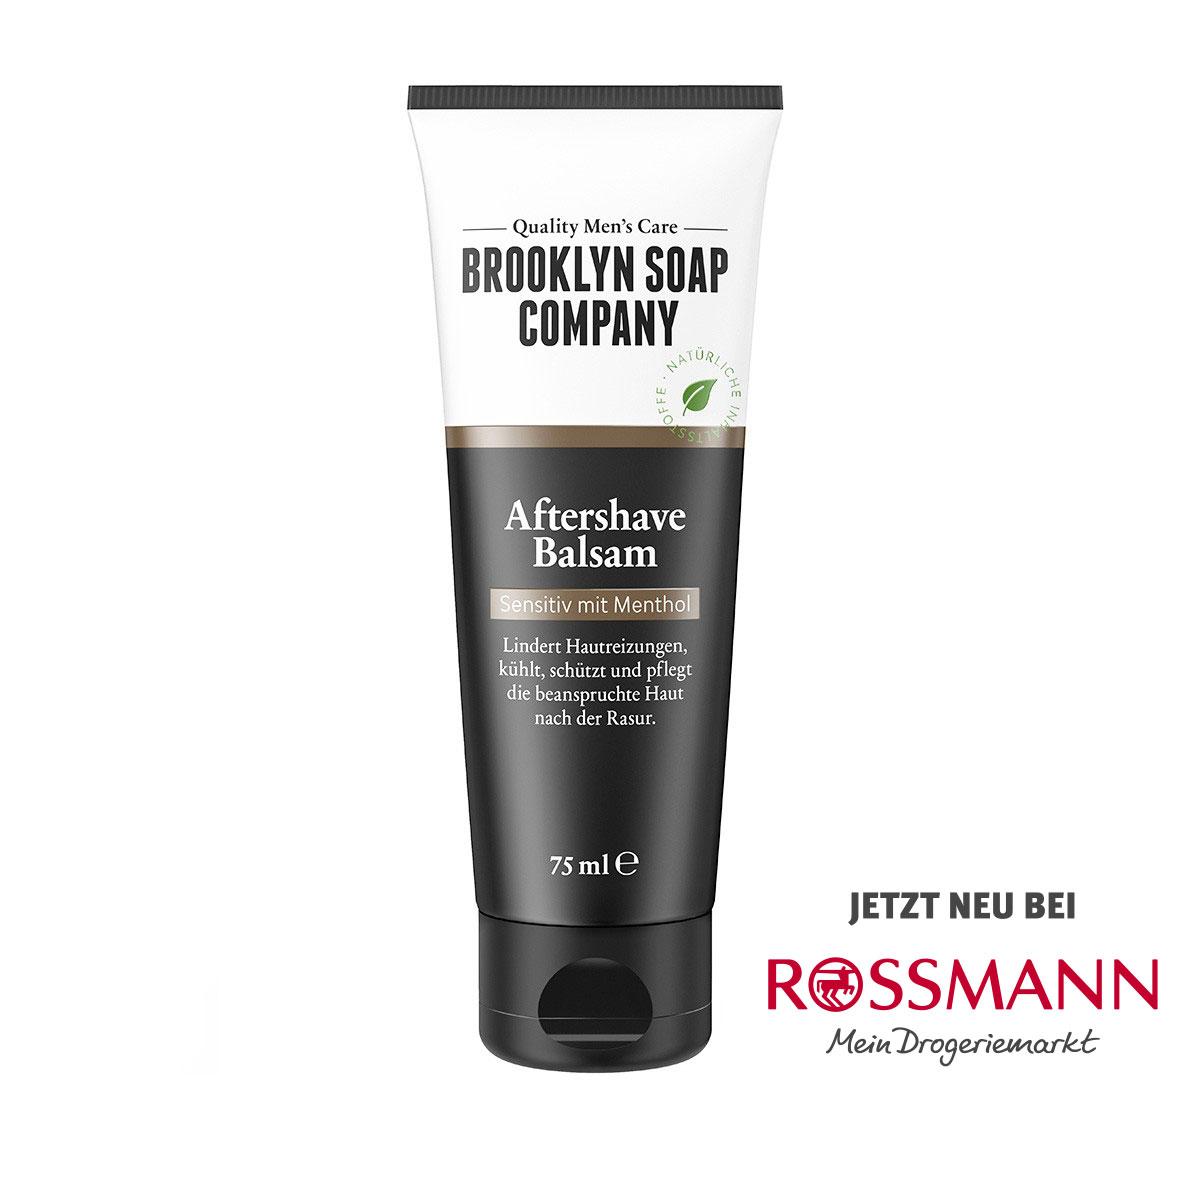 Aftershave Balsam